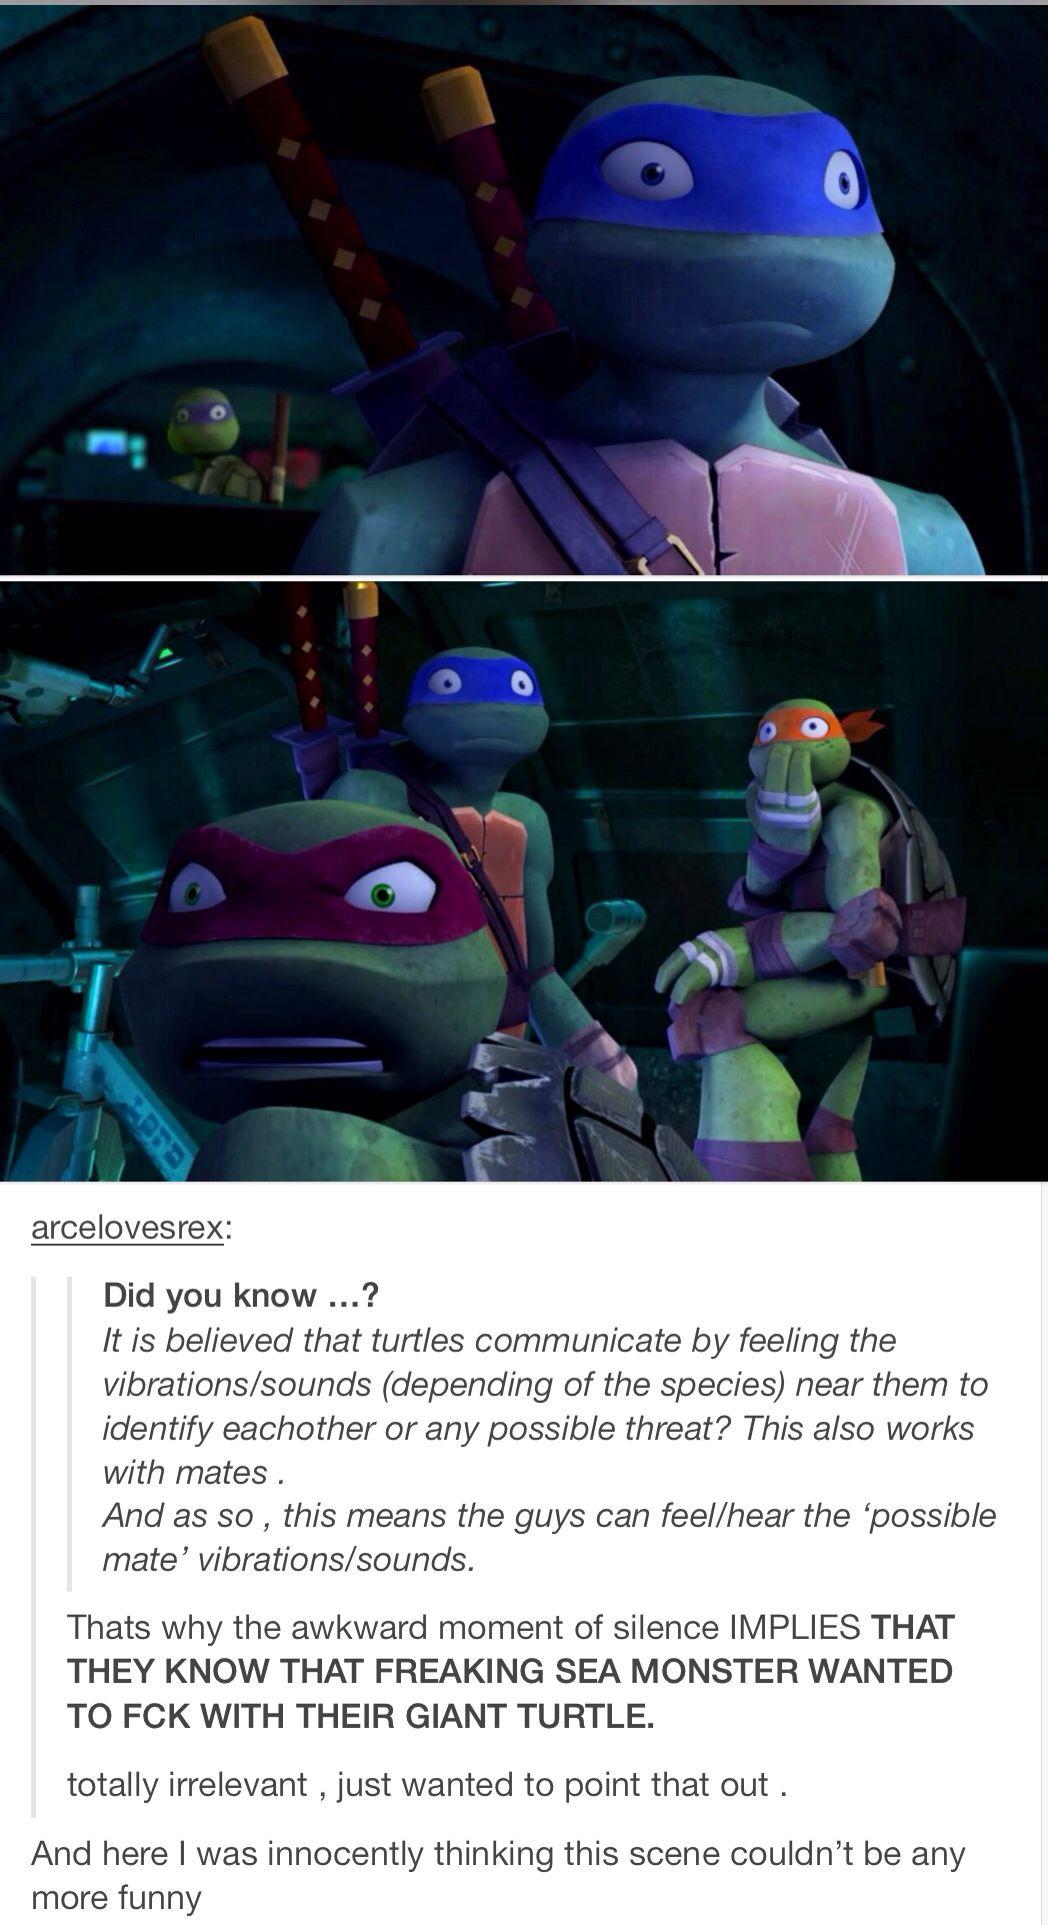 Oh My God Tumblr Tmnt Tmnt2012 Teenage Mutant Ninja Turtles Art Tmnt Human Teenage Ninja Turtles